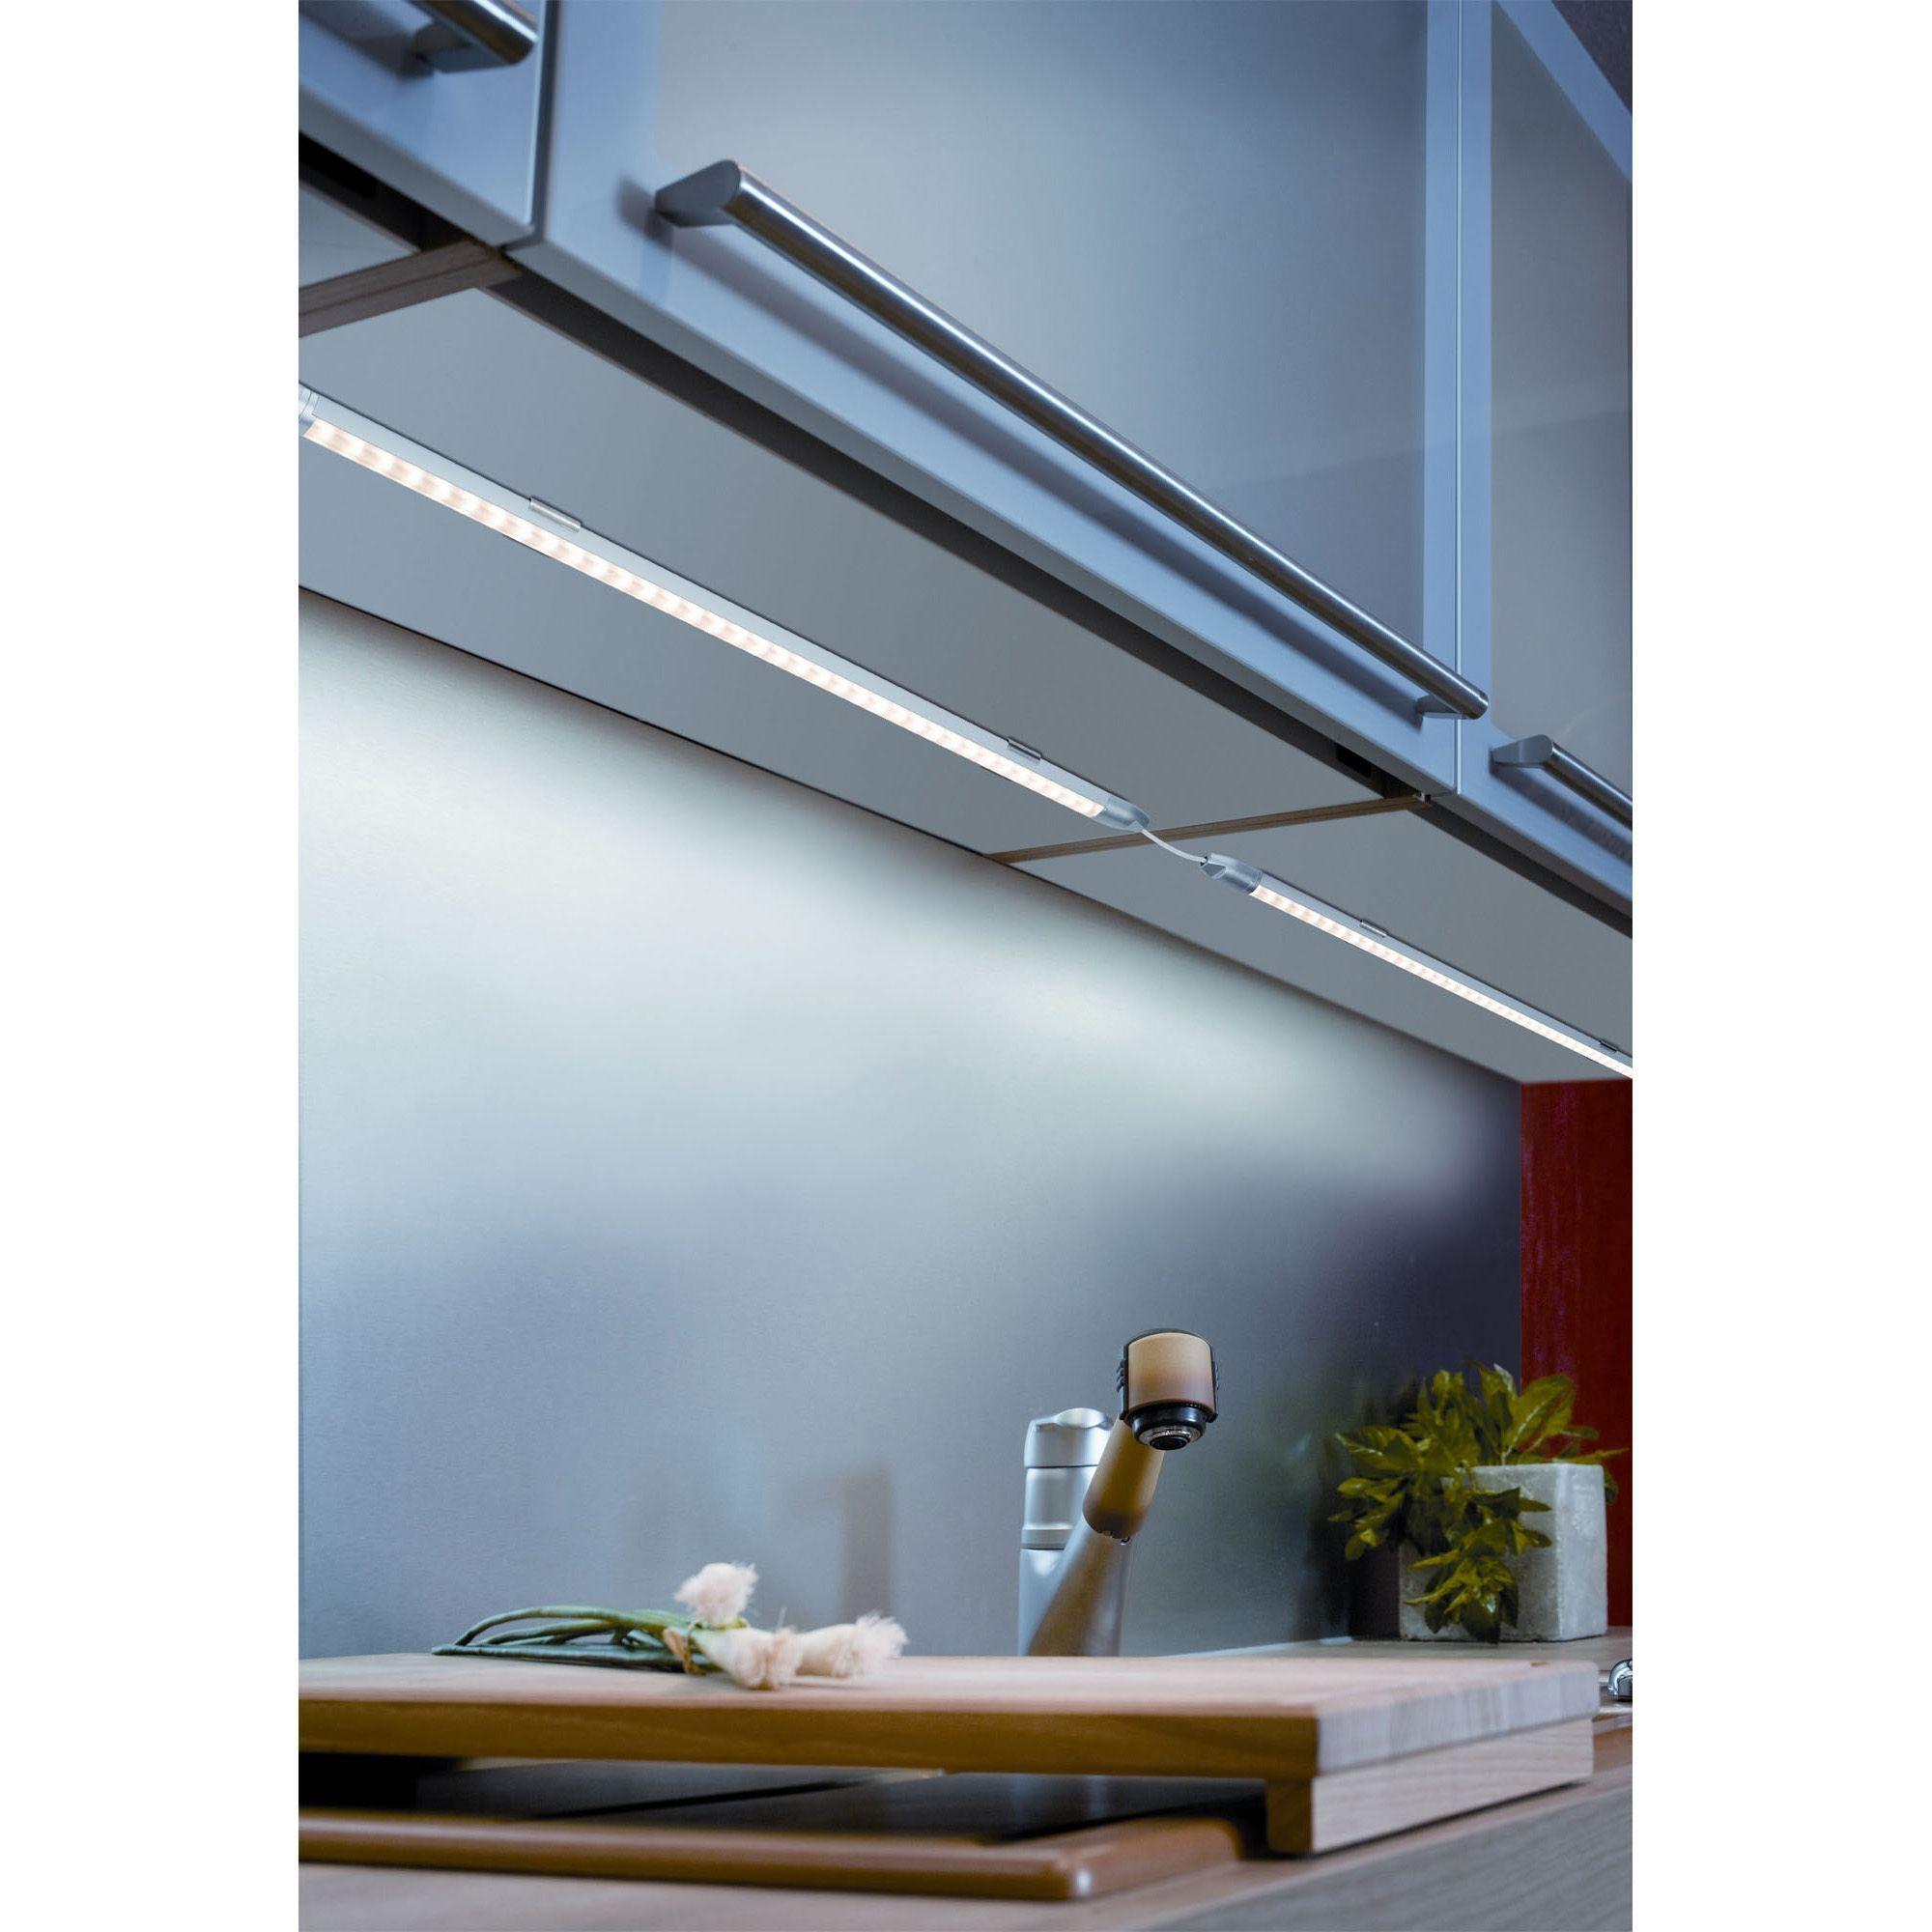 Eclairage Sous Meuble Cuisine Sans Interrupteur réglette lumineuse pour cuisine (sans transformateur) l62cm